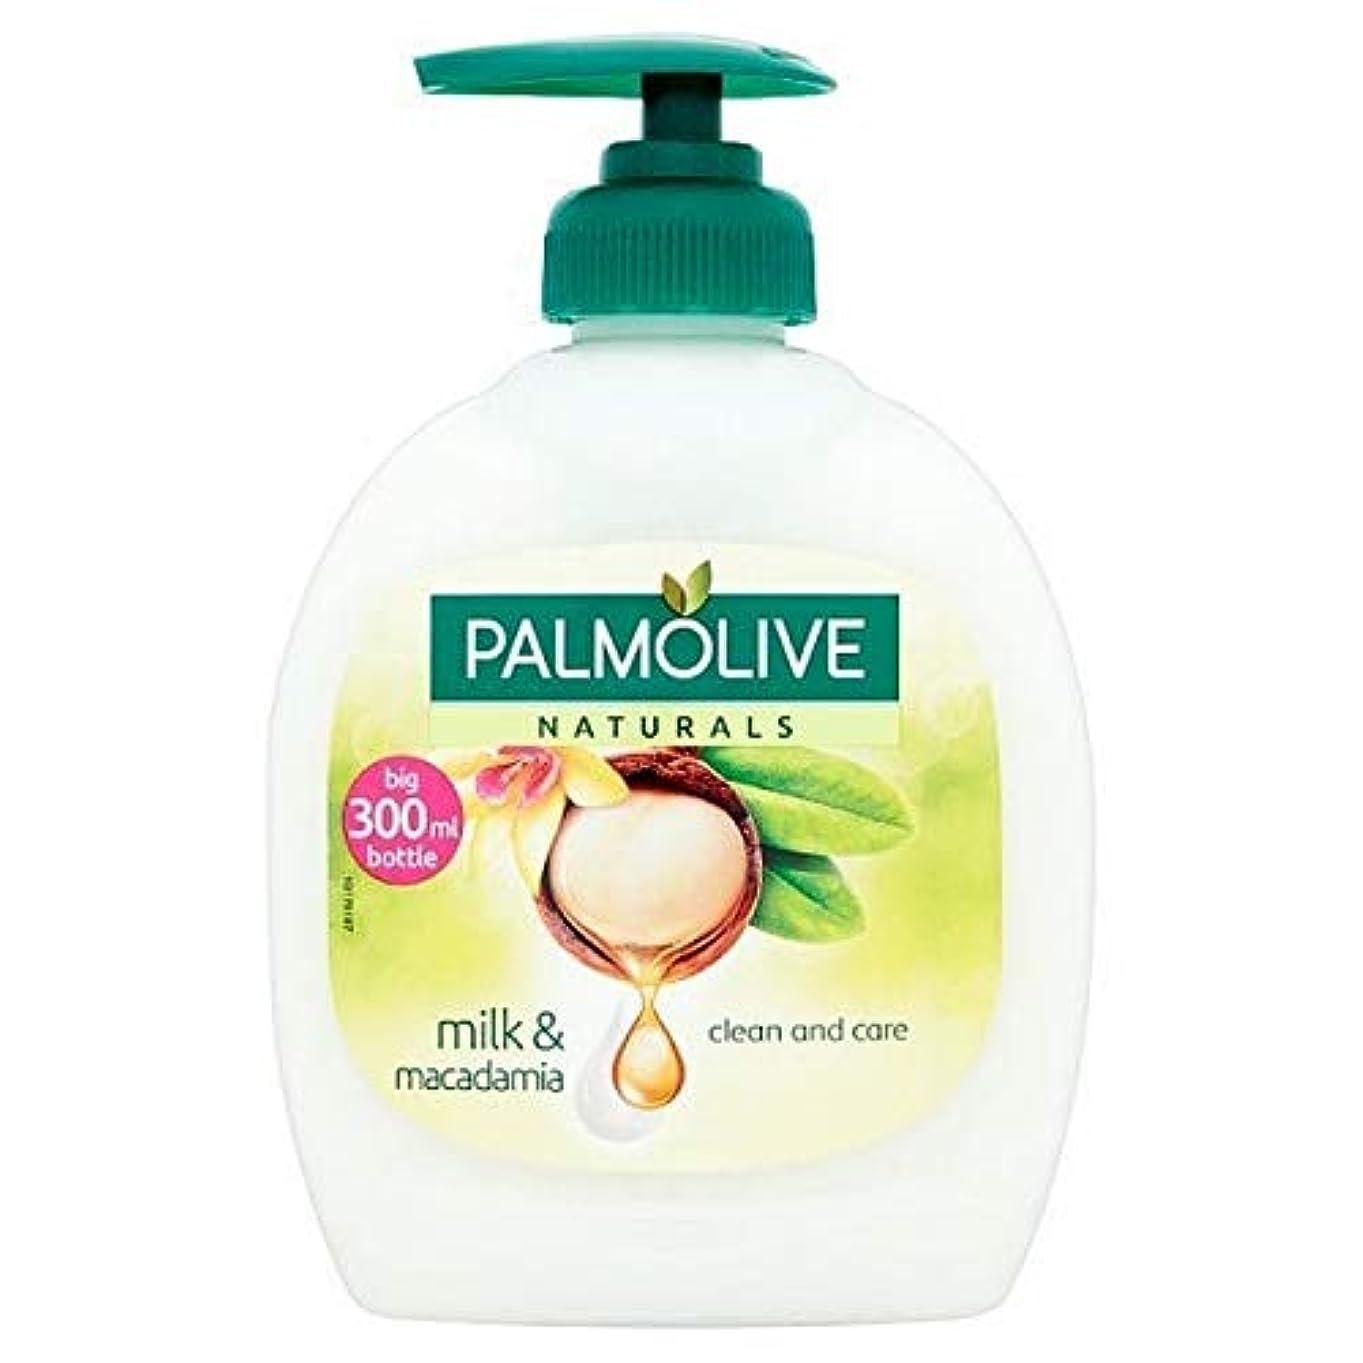 エレガント友情倫理的[Palmolive ] パルモライブナチュラルマカダミア&バニラ液体手洗いの300ミリリットル - Palmolive Naturals Macadamia & Vanilla Liquid Handwash 300ml...